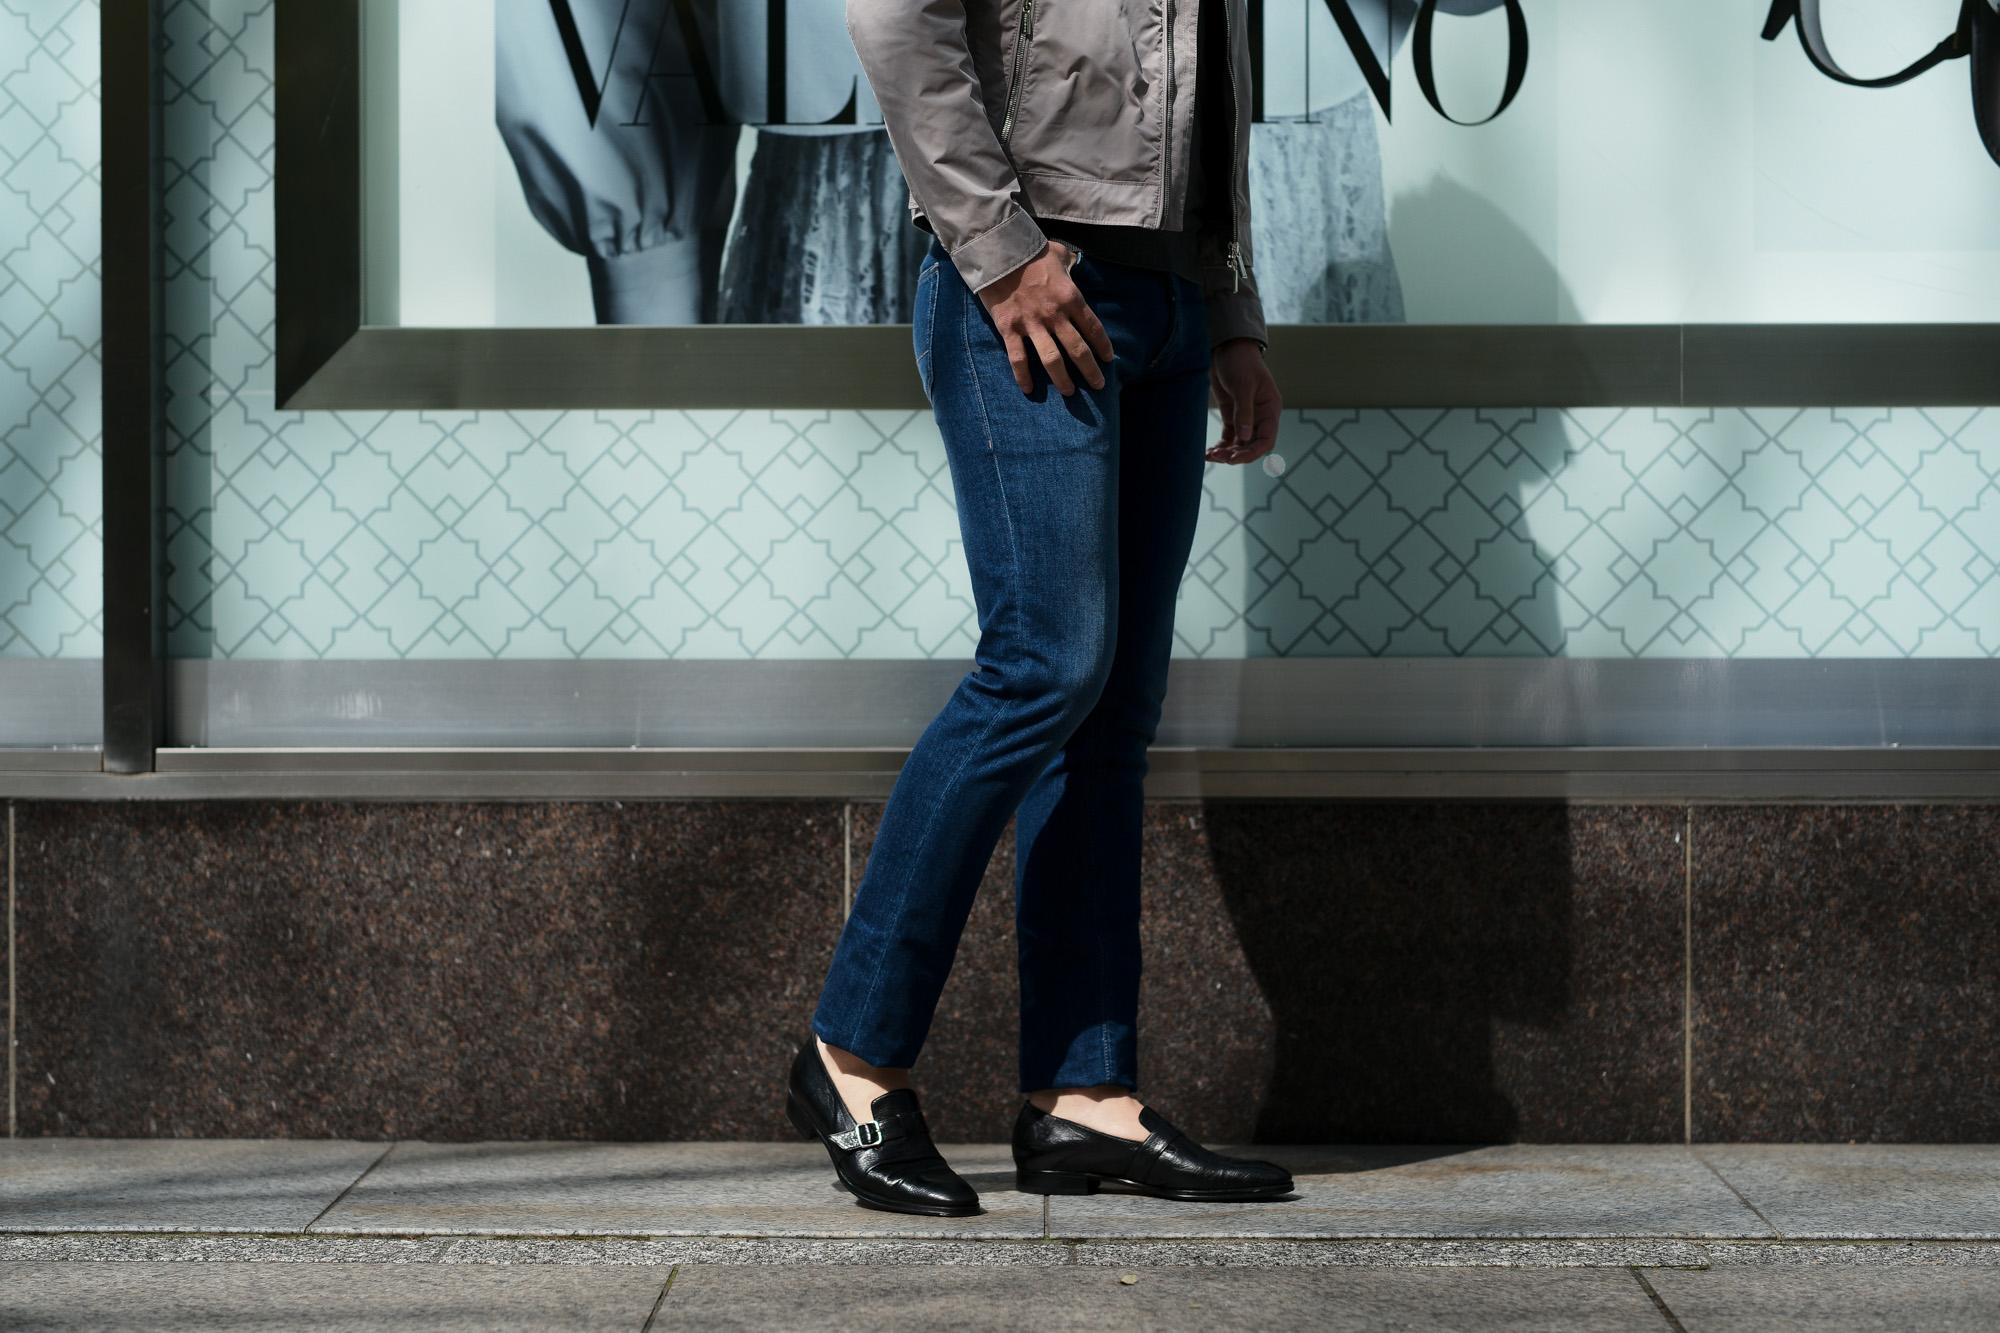 RICHARD J.BROWN(リチャードジェイブラウン) TOKYO(トウキョウ) T99 W224 CM BGA ストレッチ デニム パンツ   BLUE(ブルー) MADE IN ITALY (イタリア製)  2020春夏新作 richardjbrown altoediritto アルトエデリット デニムパンツ ジーンズ